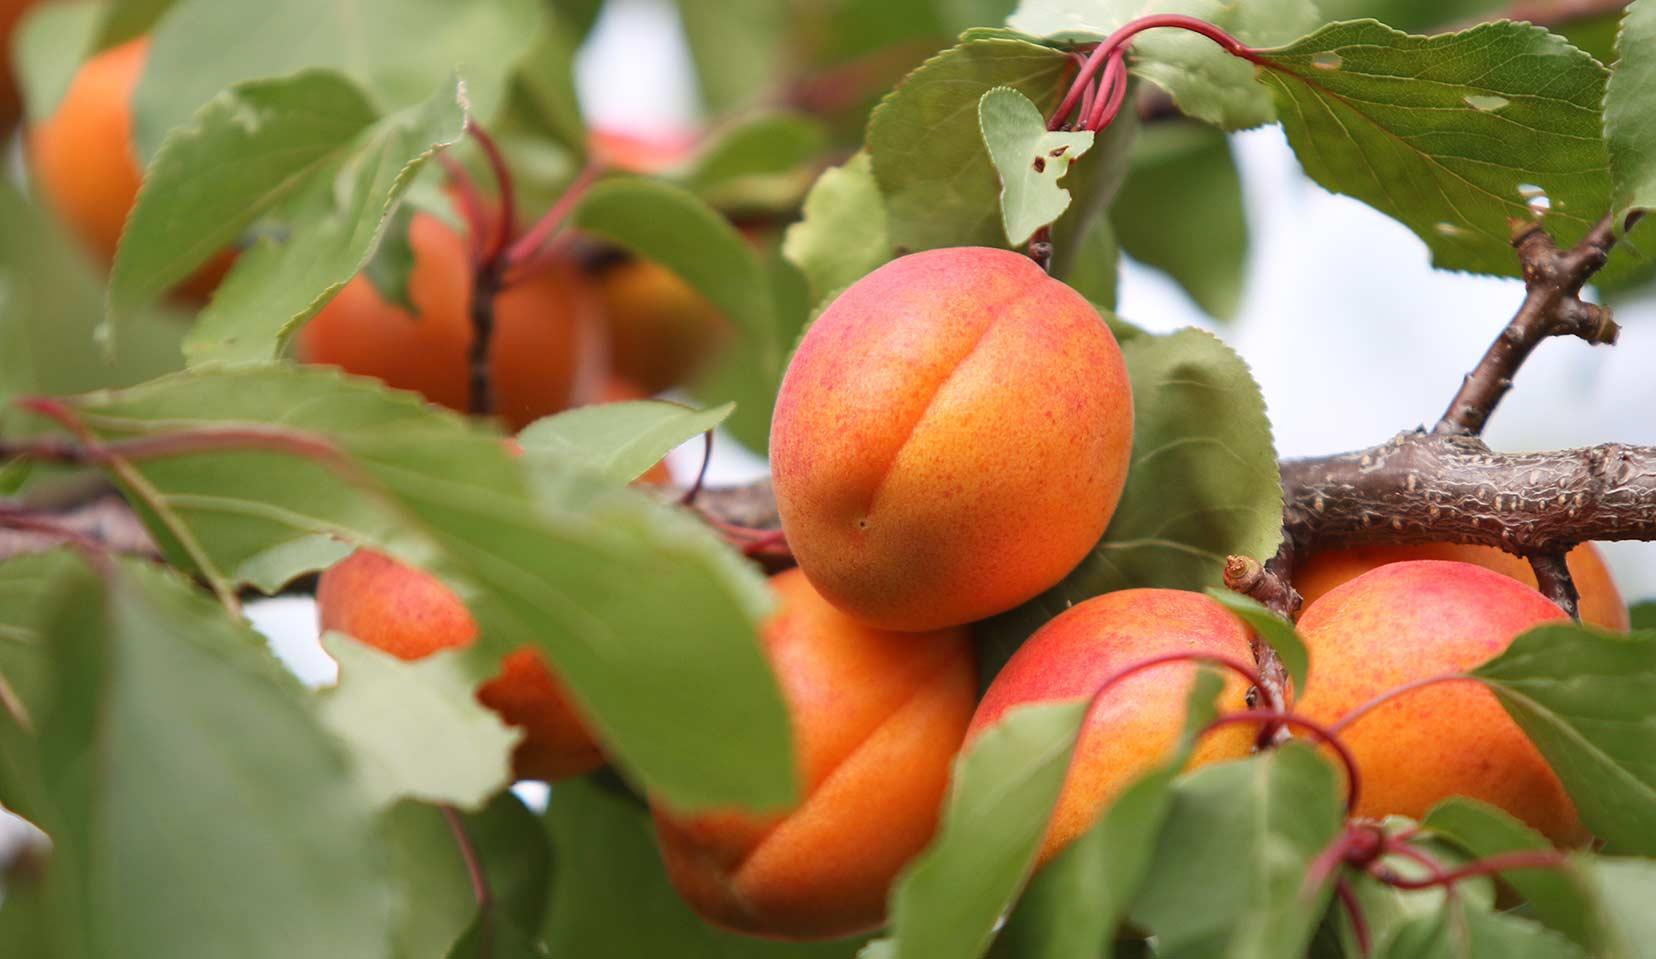 Apricot, Prunus armeniaca L., Rosaceae (Rose Family)